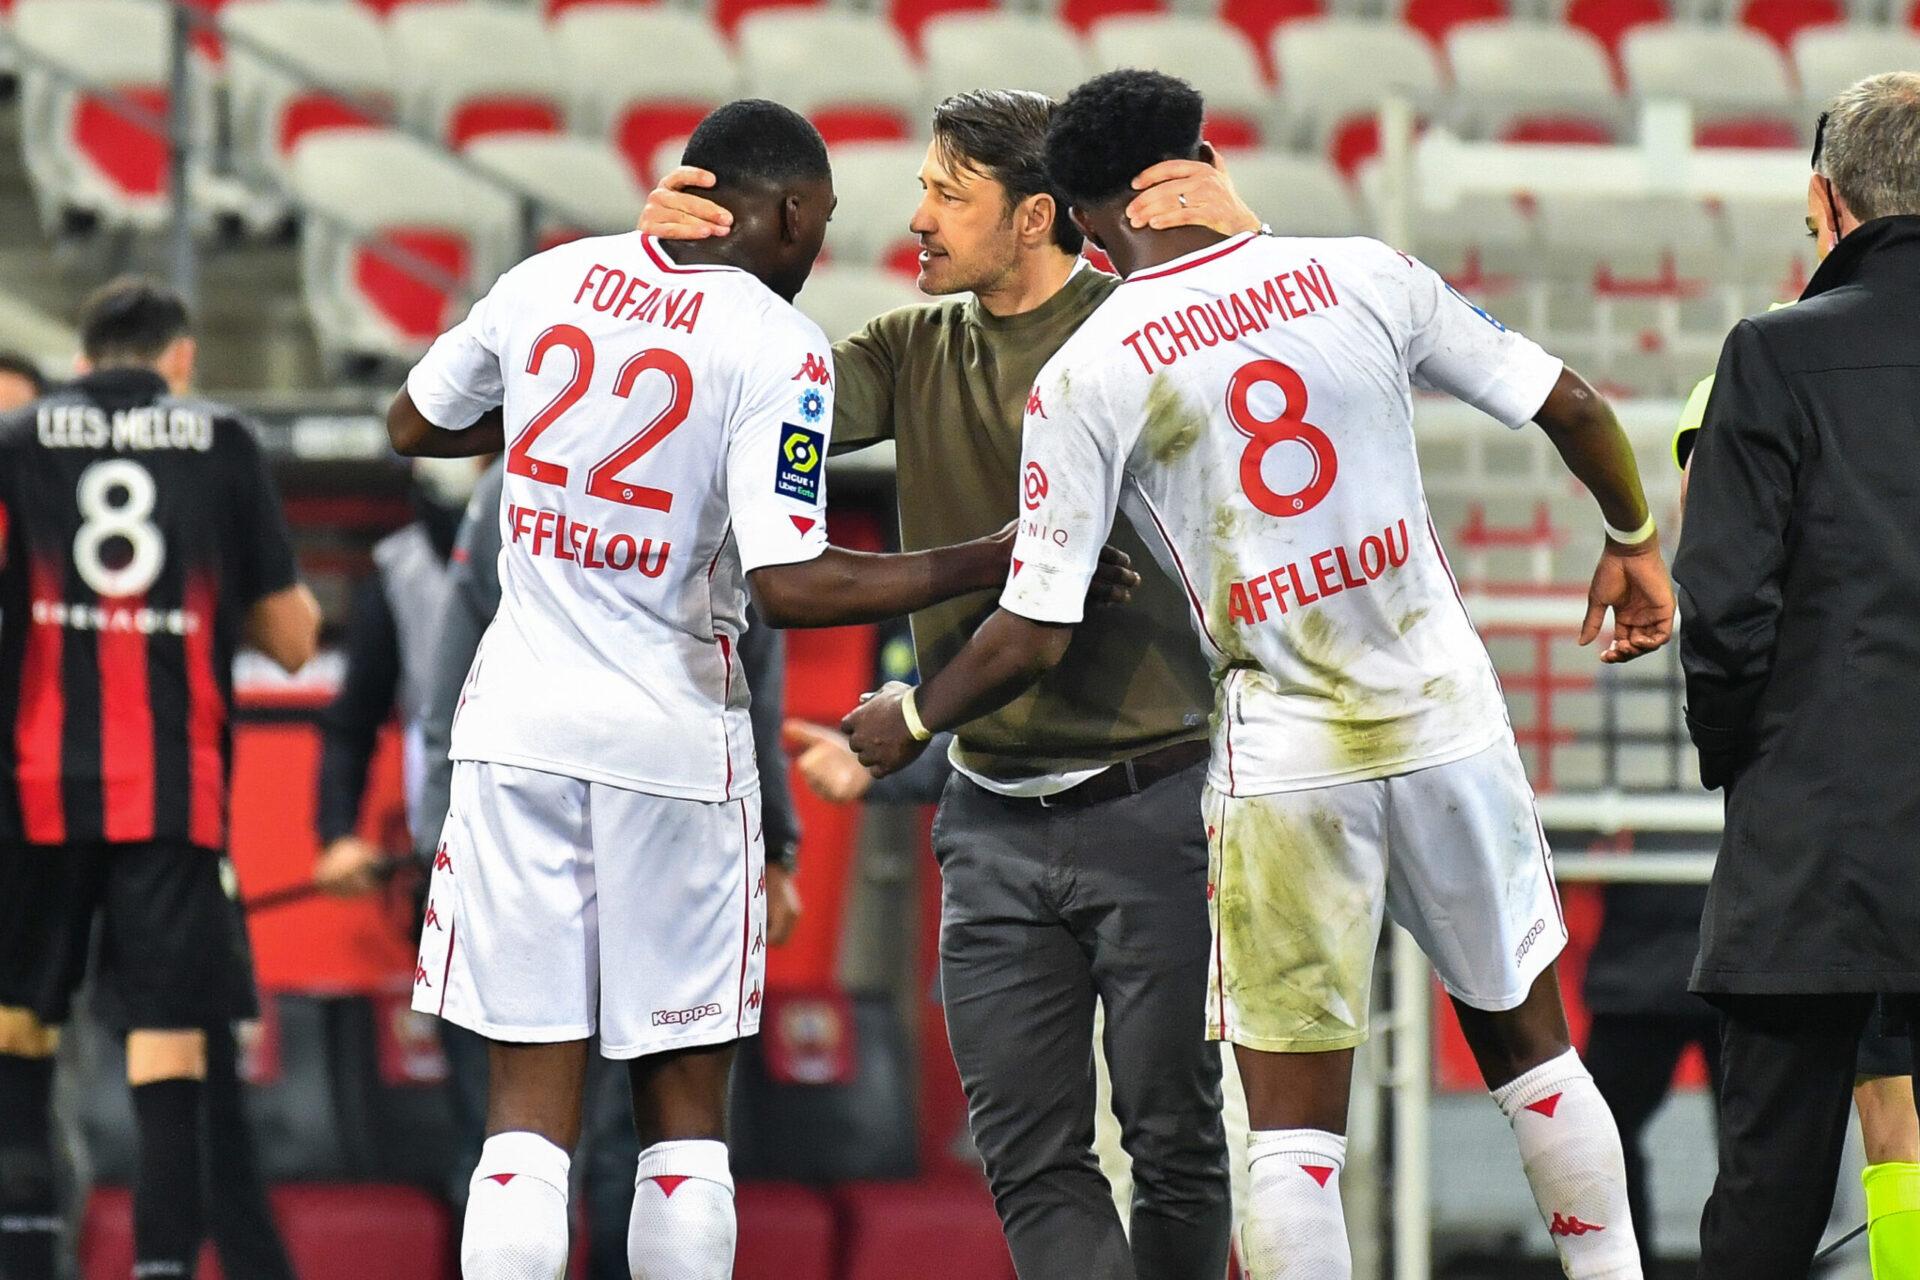 Comme Paris, le Monaco de Niko Kovac compte bien garder ses joueurs dont Tchouaméni et Fofana. L'ASM doit disputer le 3ème tour préliminaire de la Ligue des champions durant les Jeux Olympiques (iconsport)